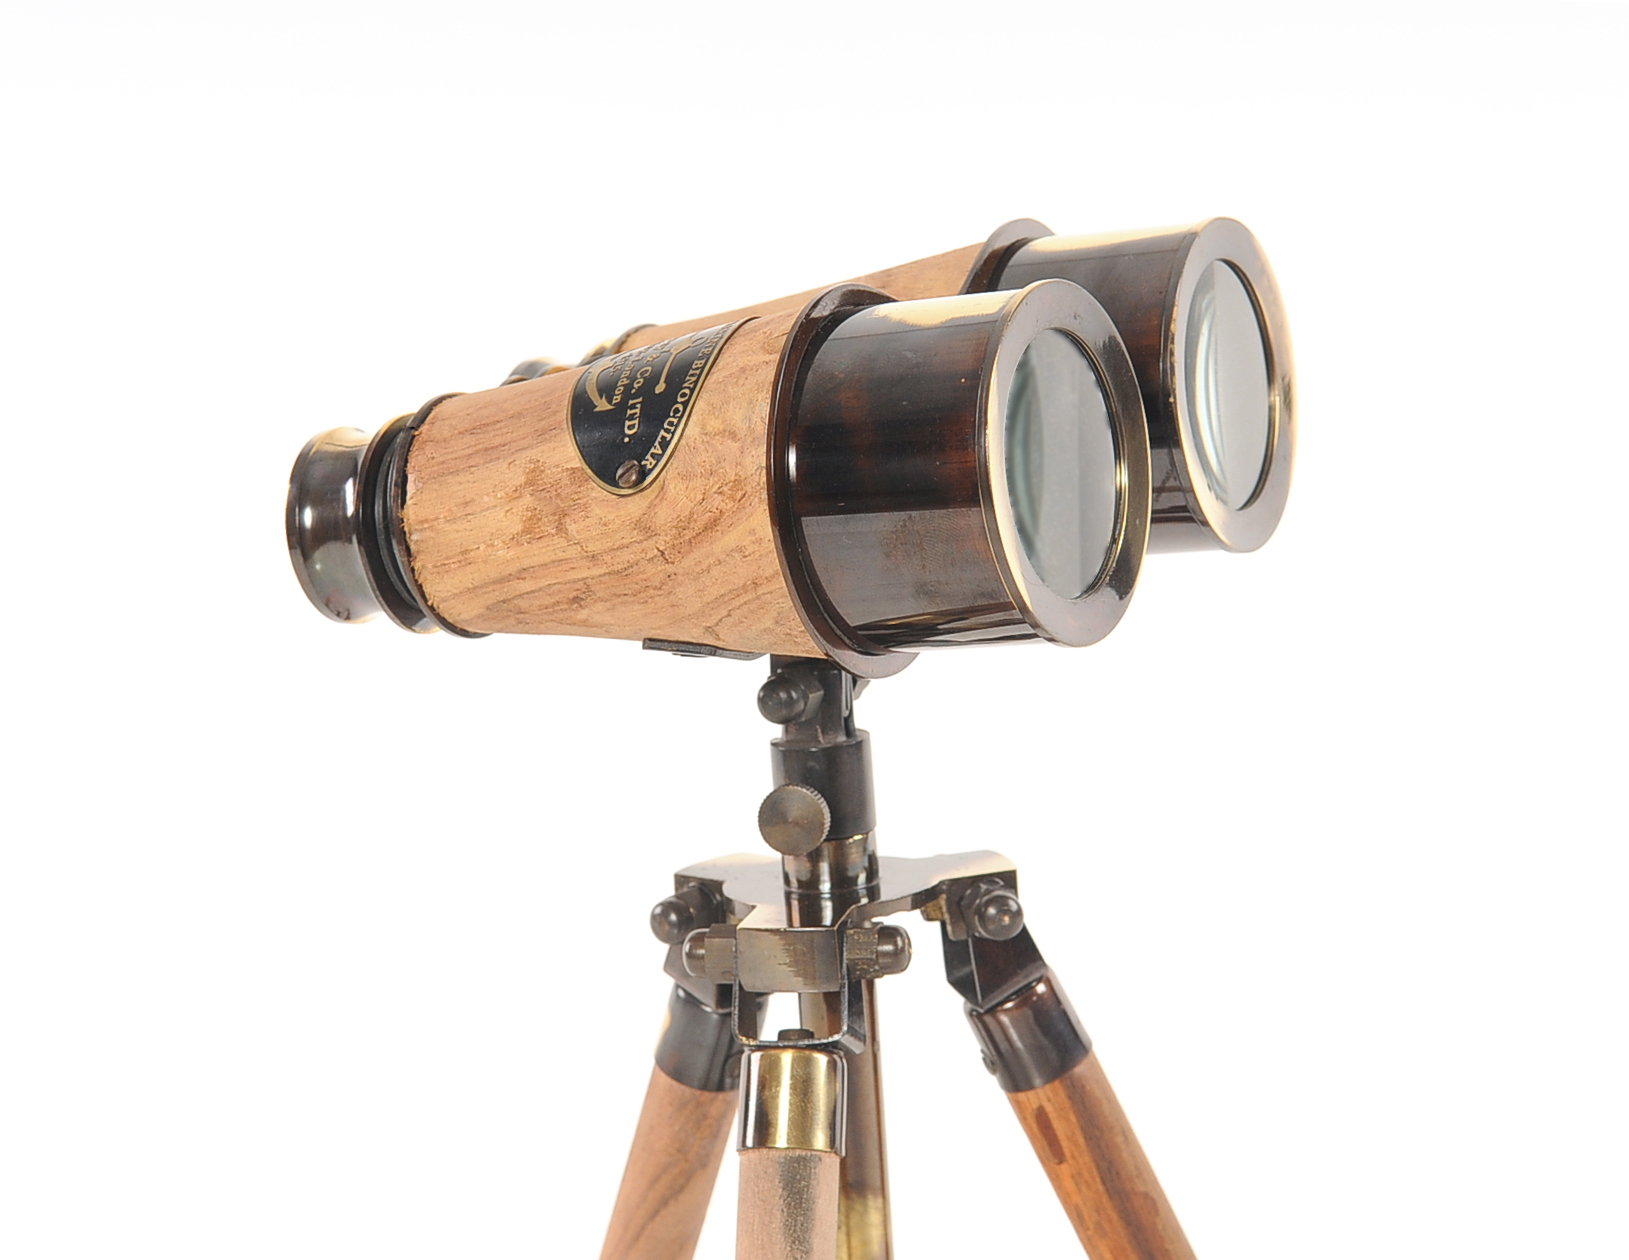 Wooden/Brass Binocular On Stand